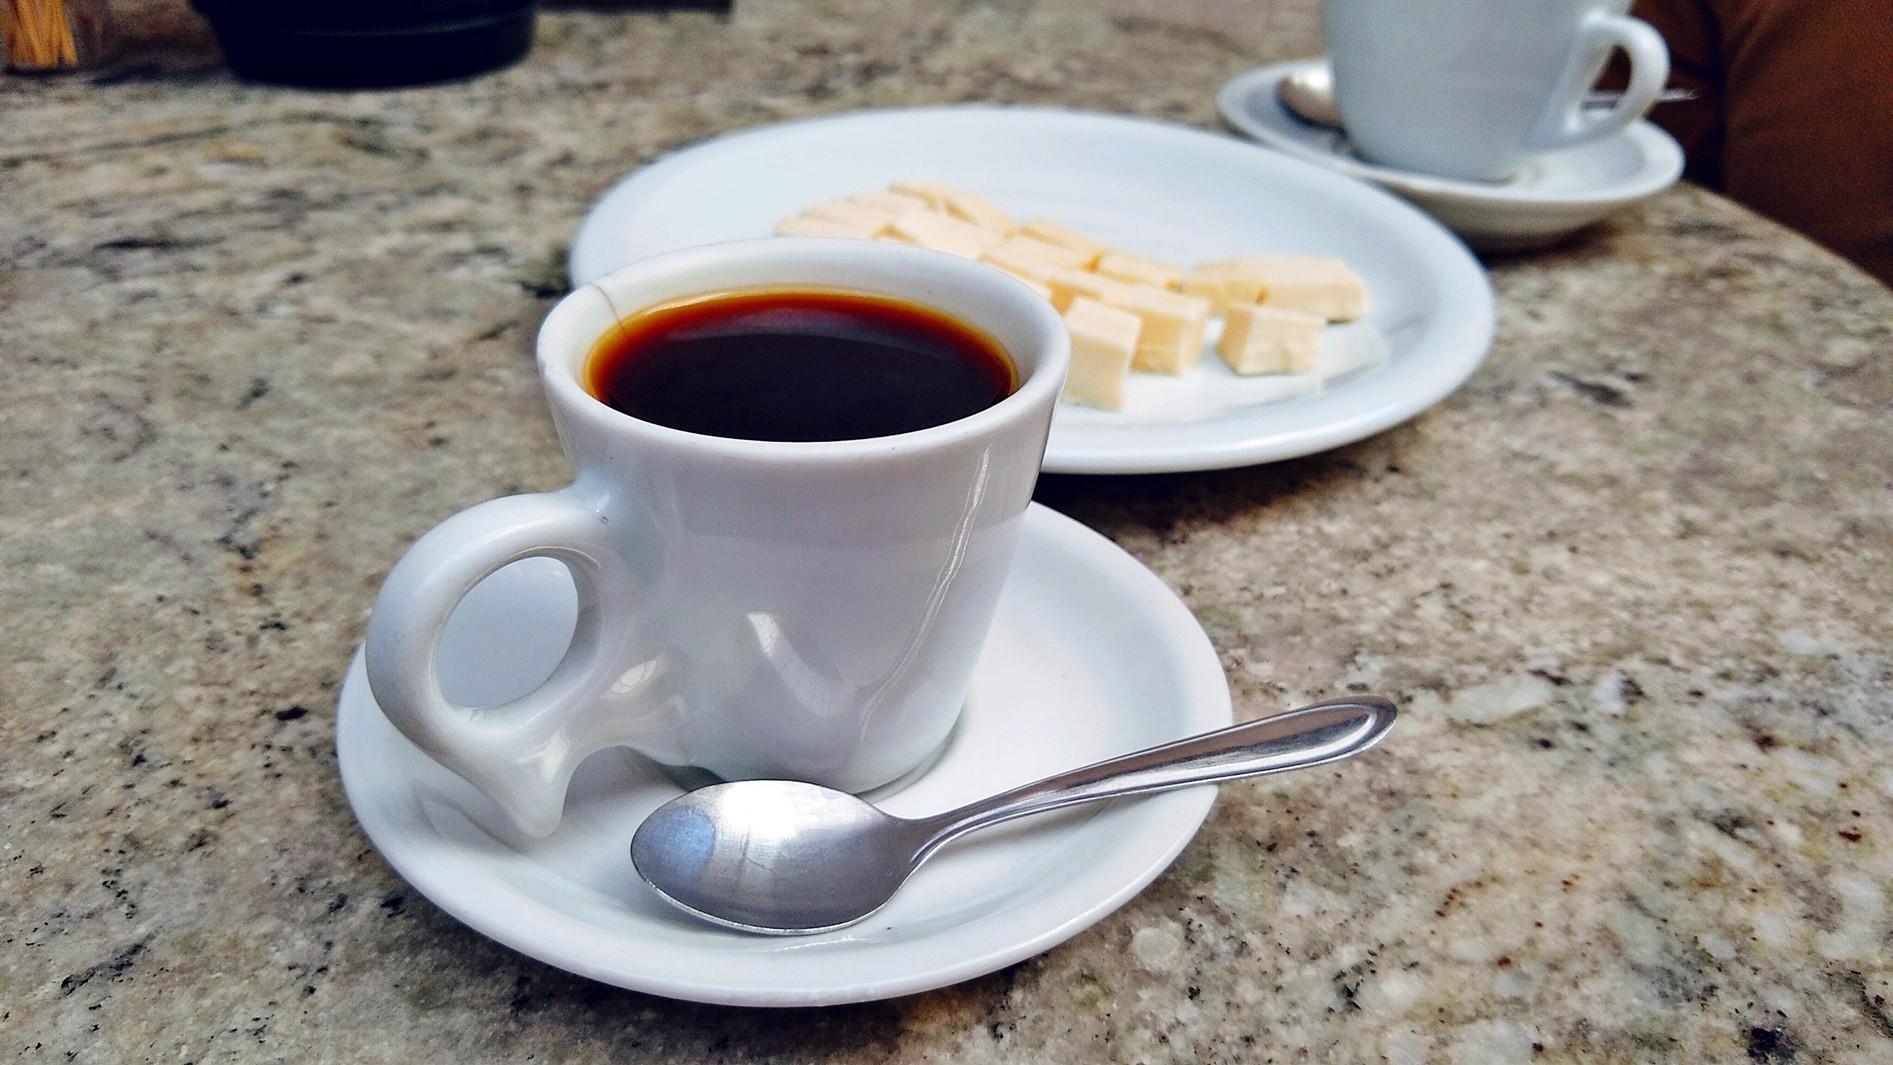 Pó de café: Como identificar a pureza e a qualidade do café comprado em Supermercados? - Notícias - Plantão Diário